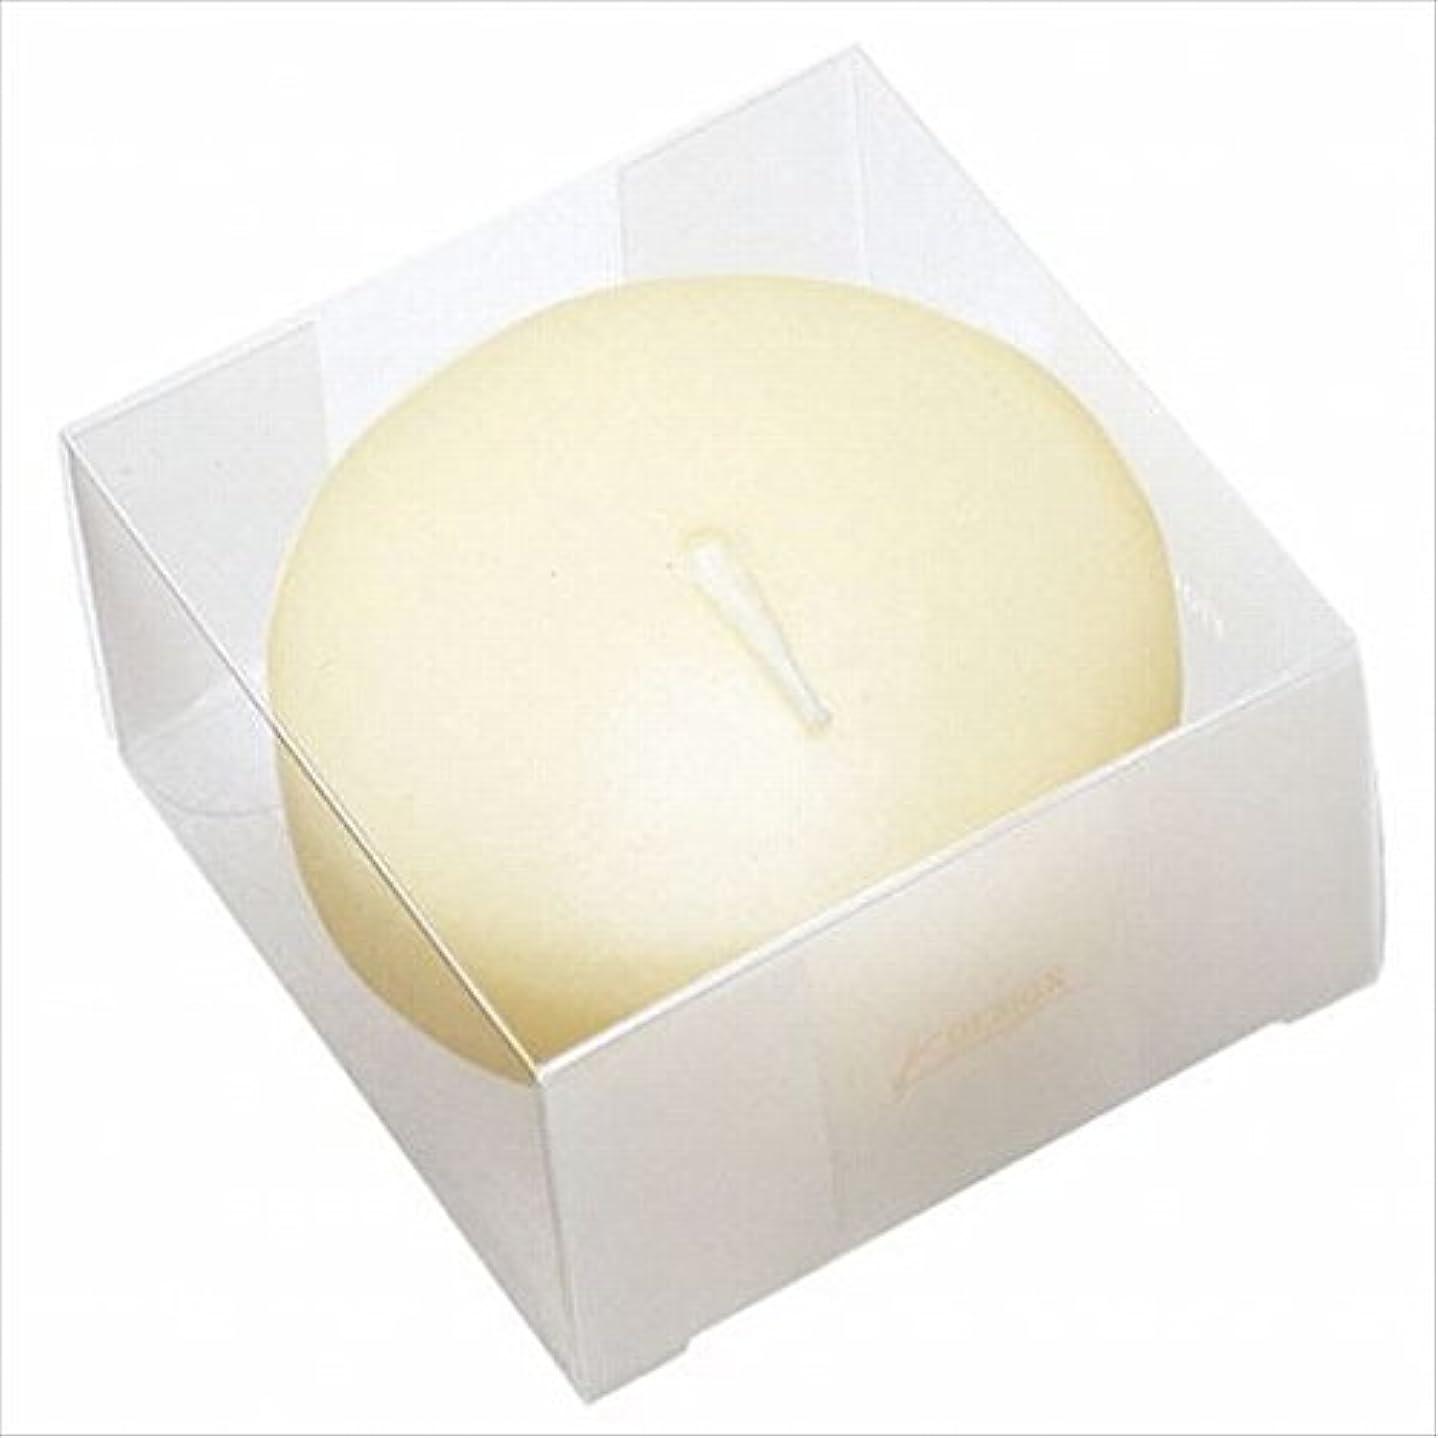 なんでも敏感な不良カメヤマキャンドル( kameyama candle ) プール80 (箱入り) 「 アイボリー 」 キャンドル